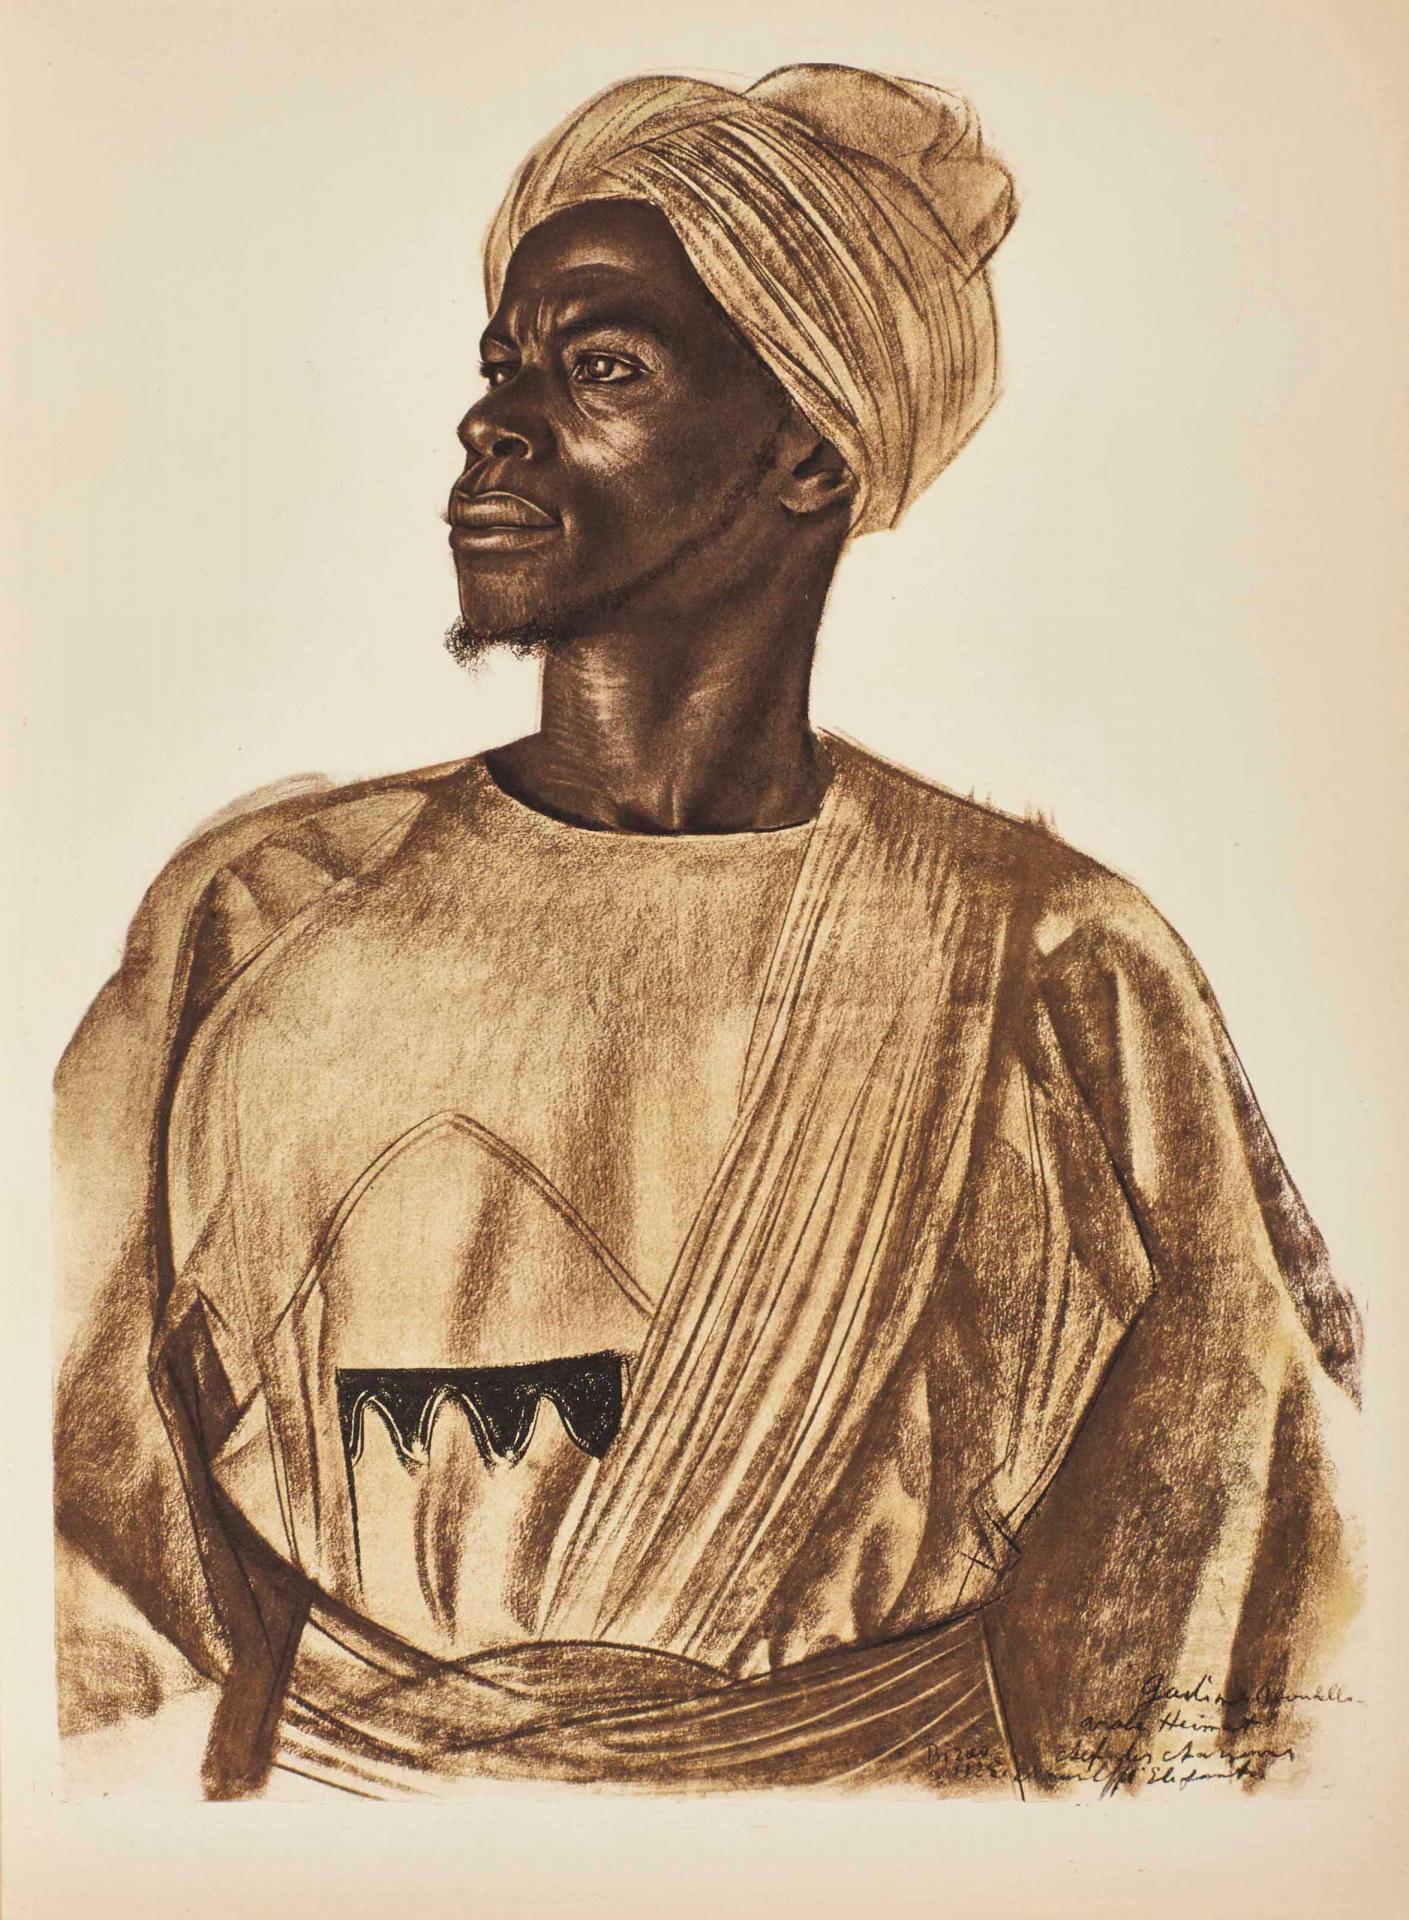 1927 Dessins d'Afrique d'Alexandre Iacovleff